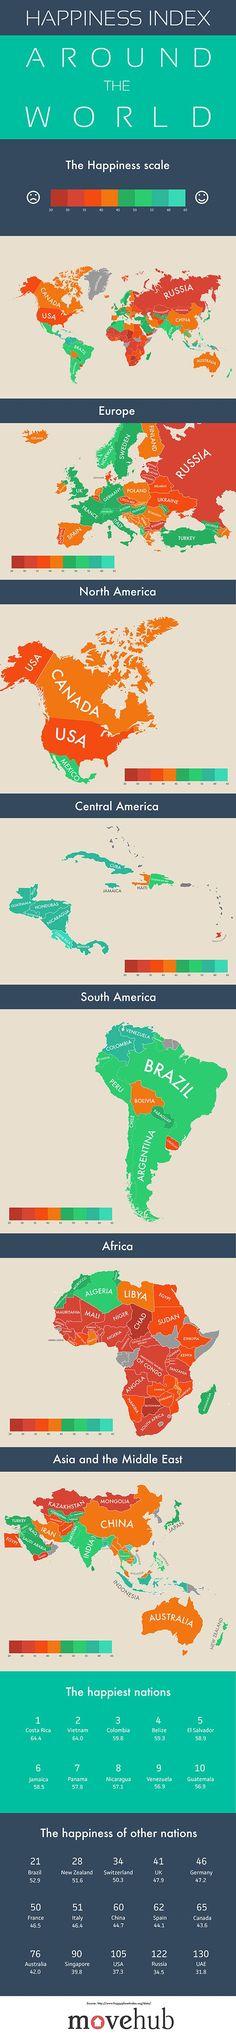 Happiness Index Around The World